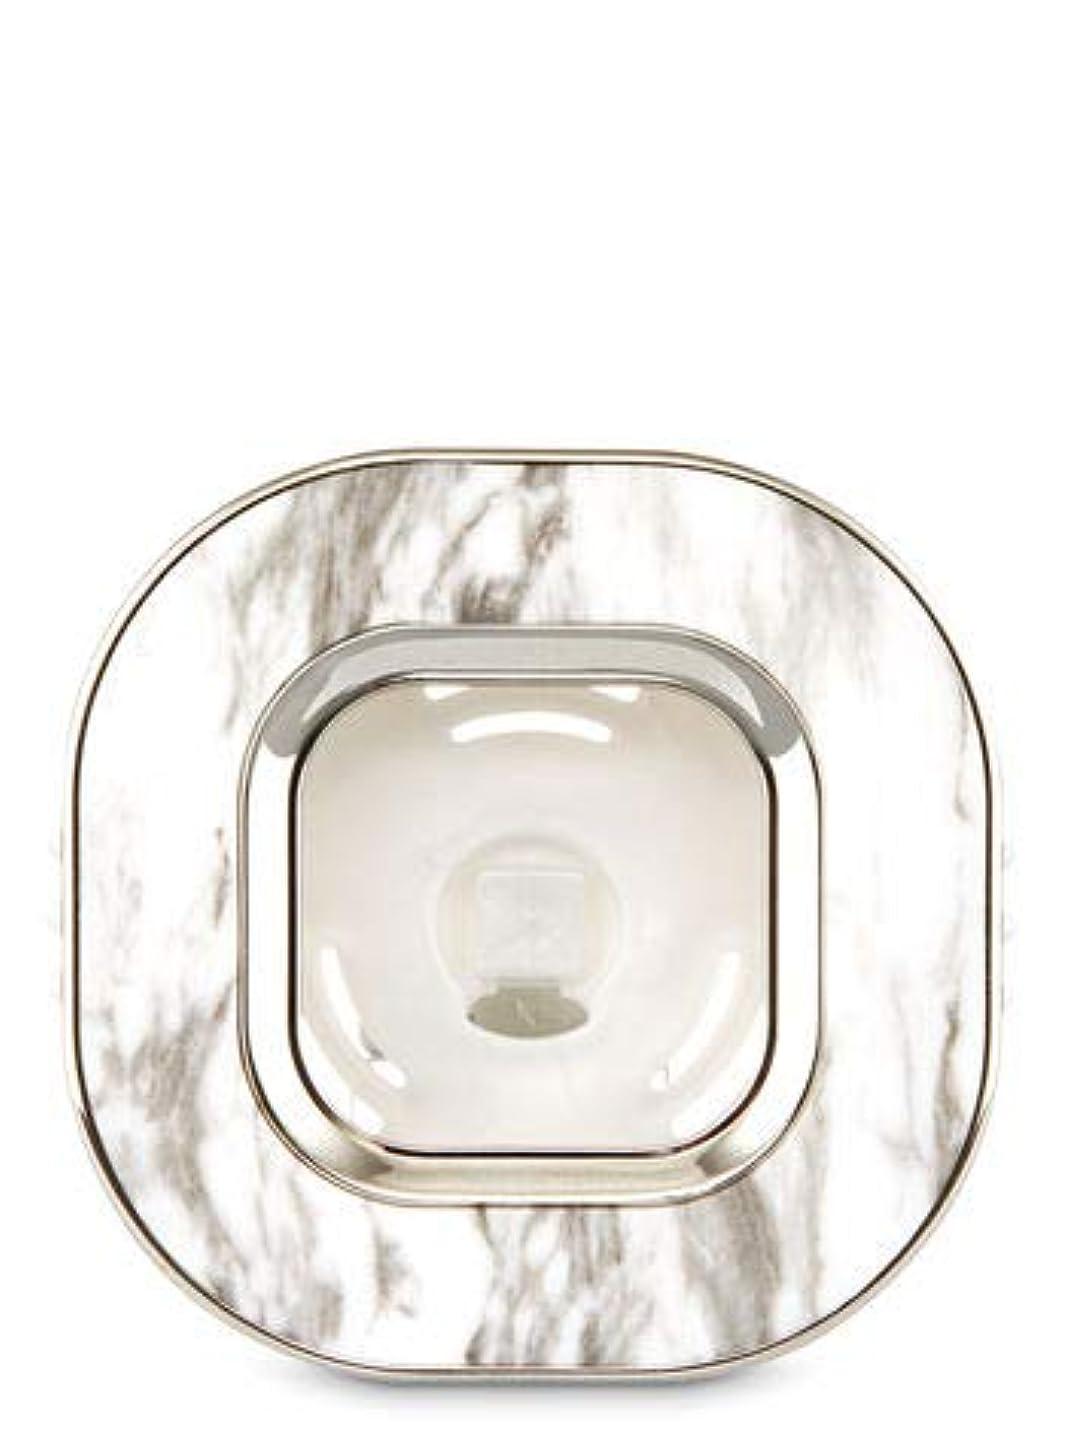 あいさつ金銭的な導出【Bath&Body Works/バス&ボディワークス】 車用芳香剤 セントポータブル ホルダー (本体ケースのみ) マーブルスクエアー Scentportable Holder Marble Square Vent Clip [並行輸入品]